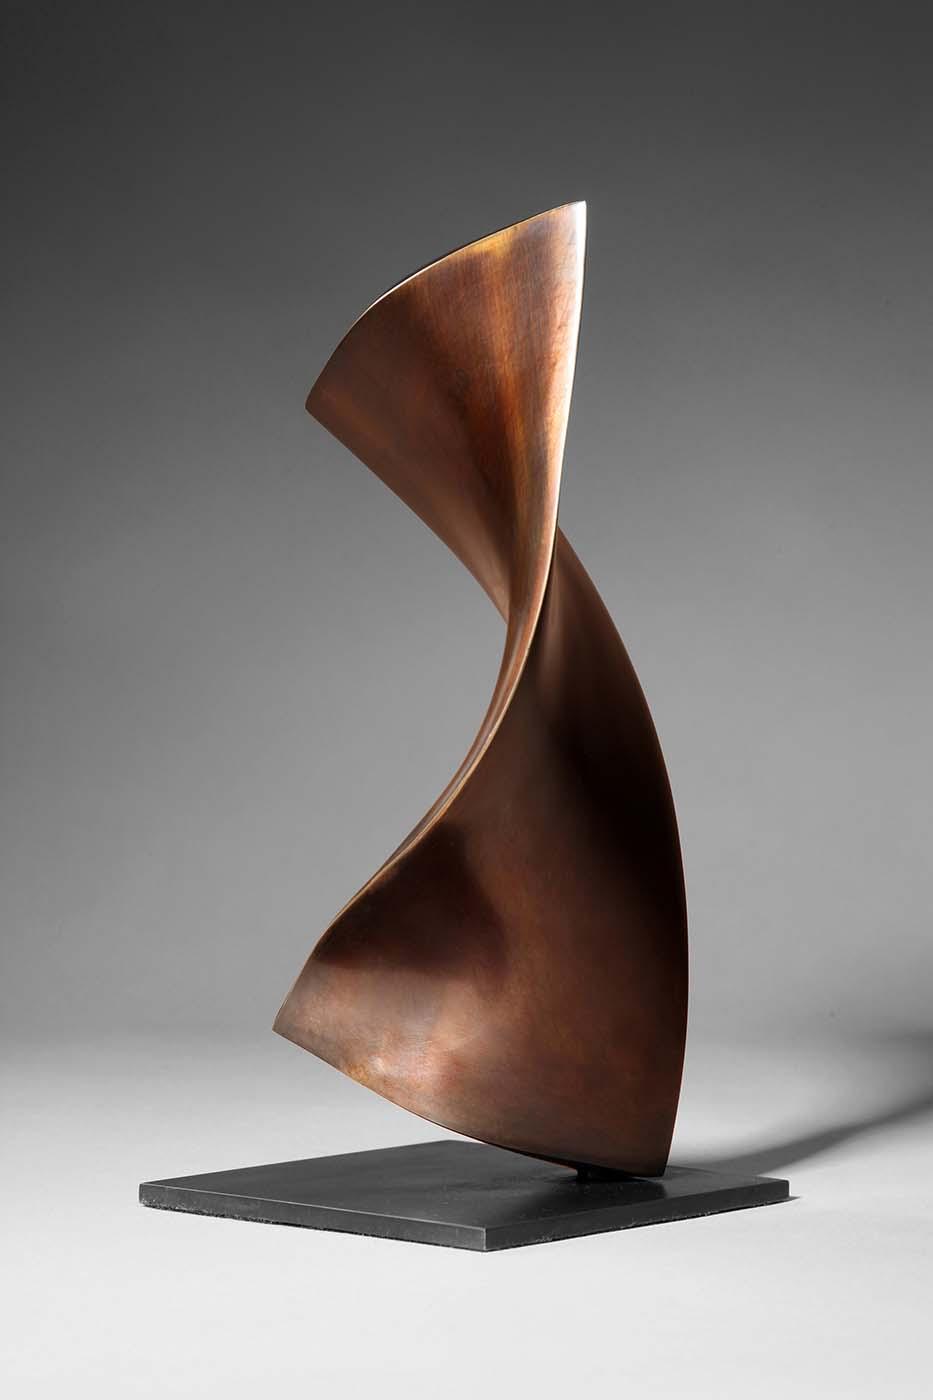 Tango, 2012, Bronze, 25 x 15 x 13 cm (01)